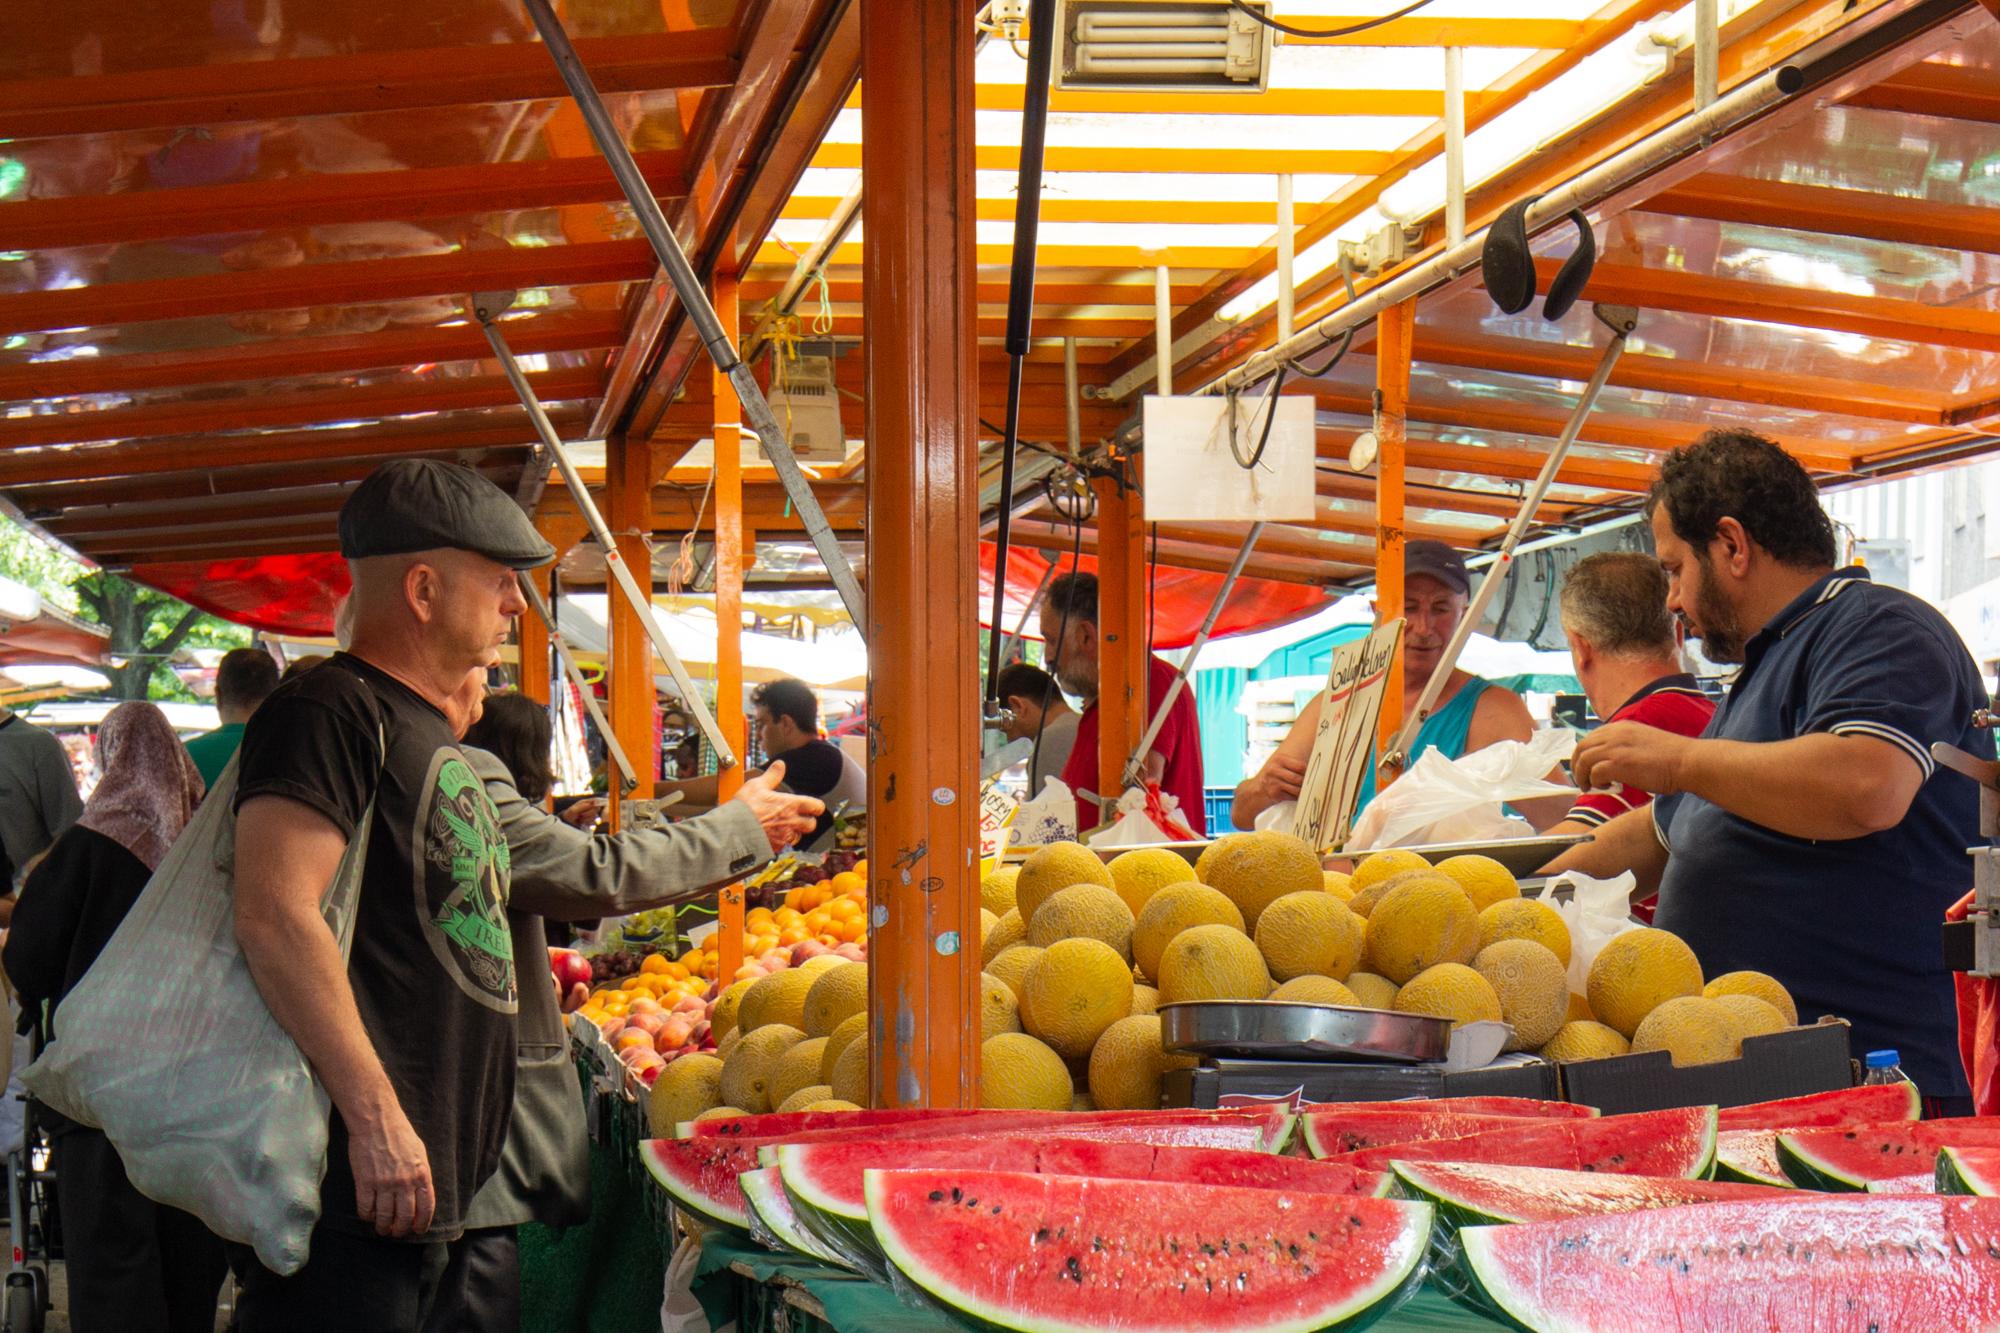 Ein Obst- und Gemüsestand auf dem sehr bunten türkischen Markt am Maybachufer in Berlin Neukölln